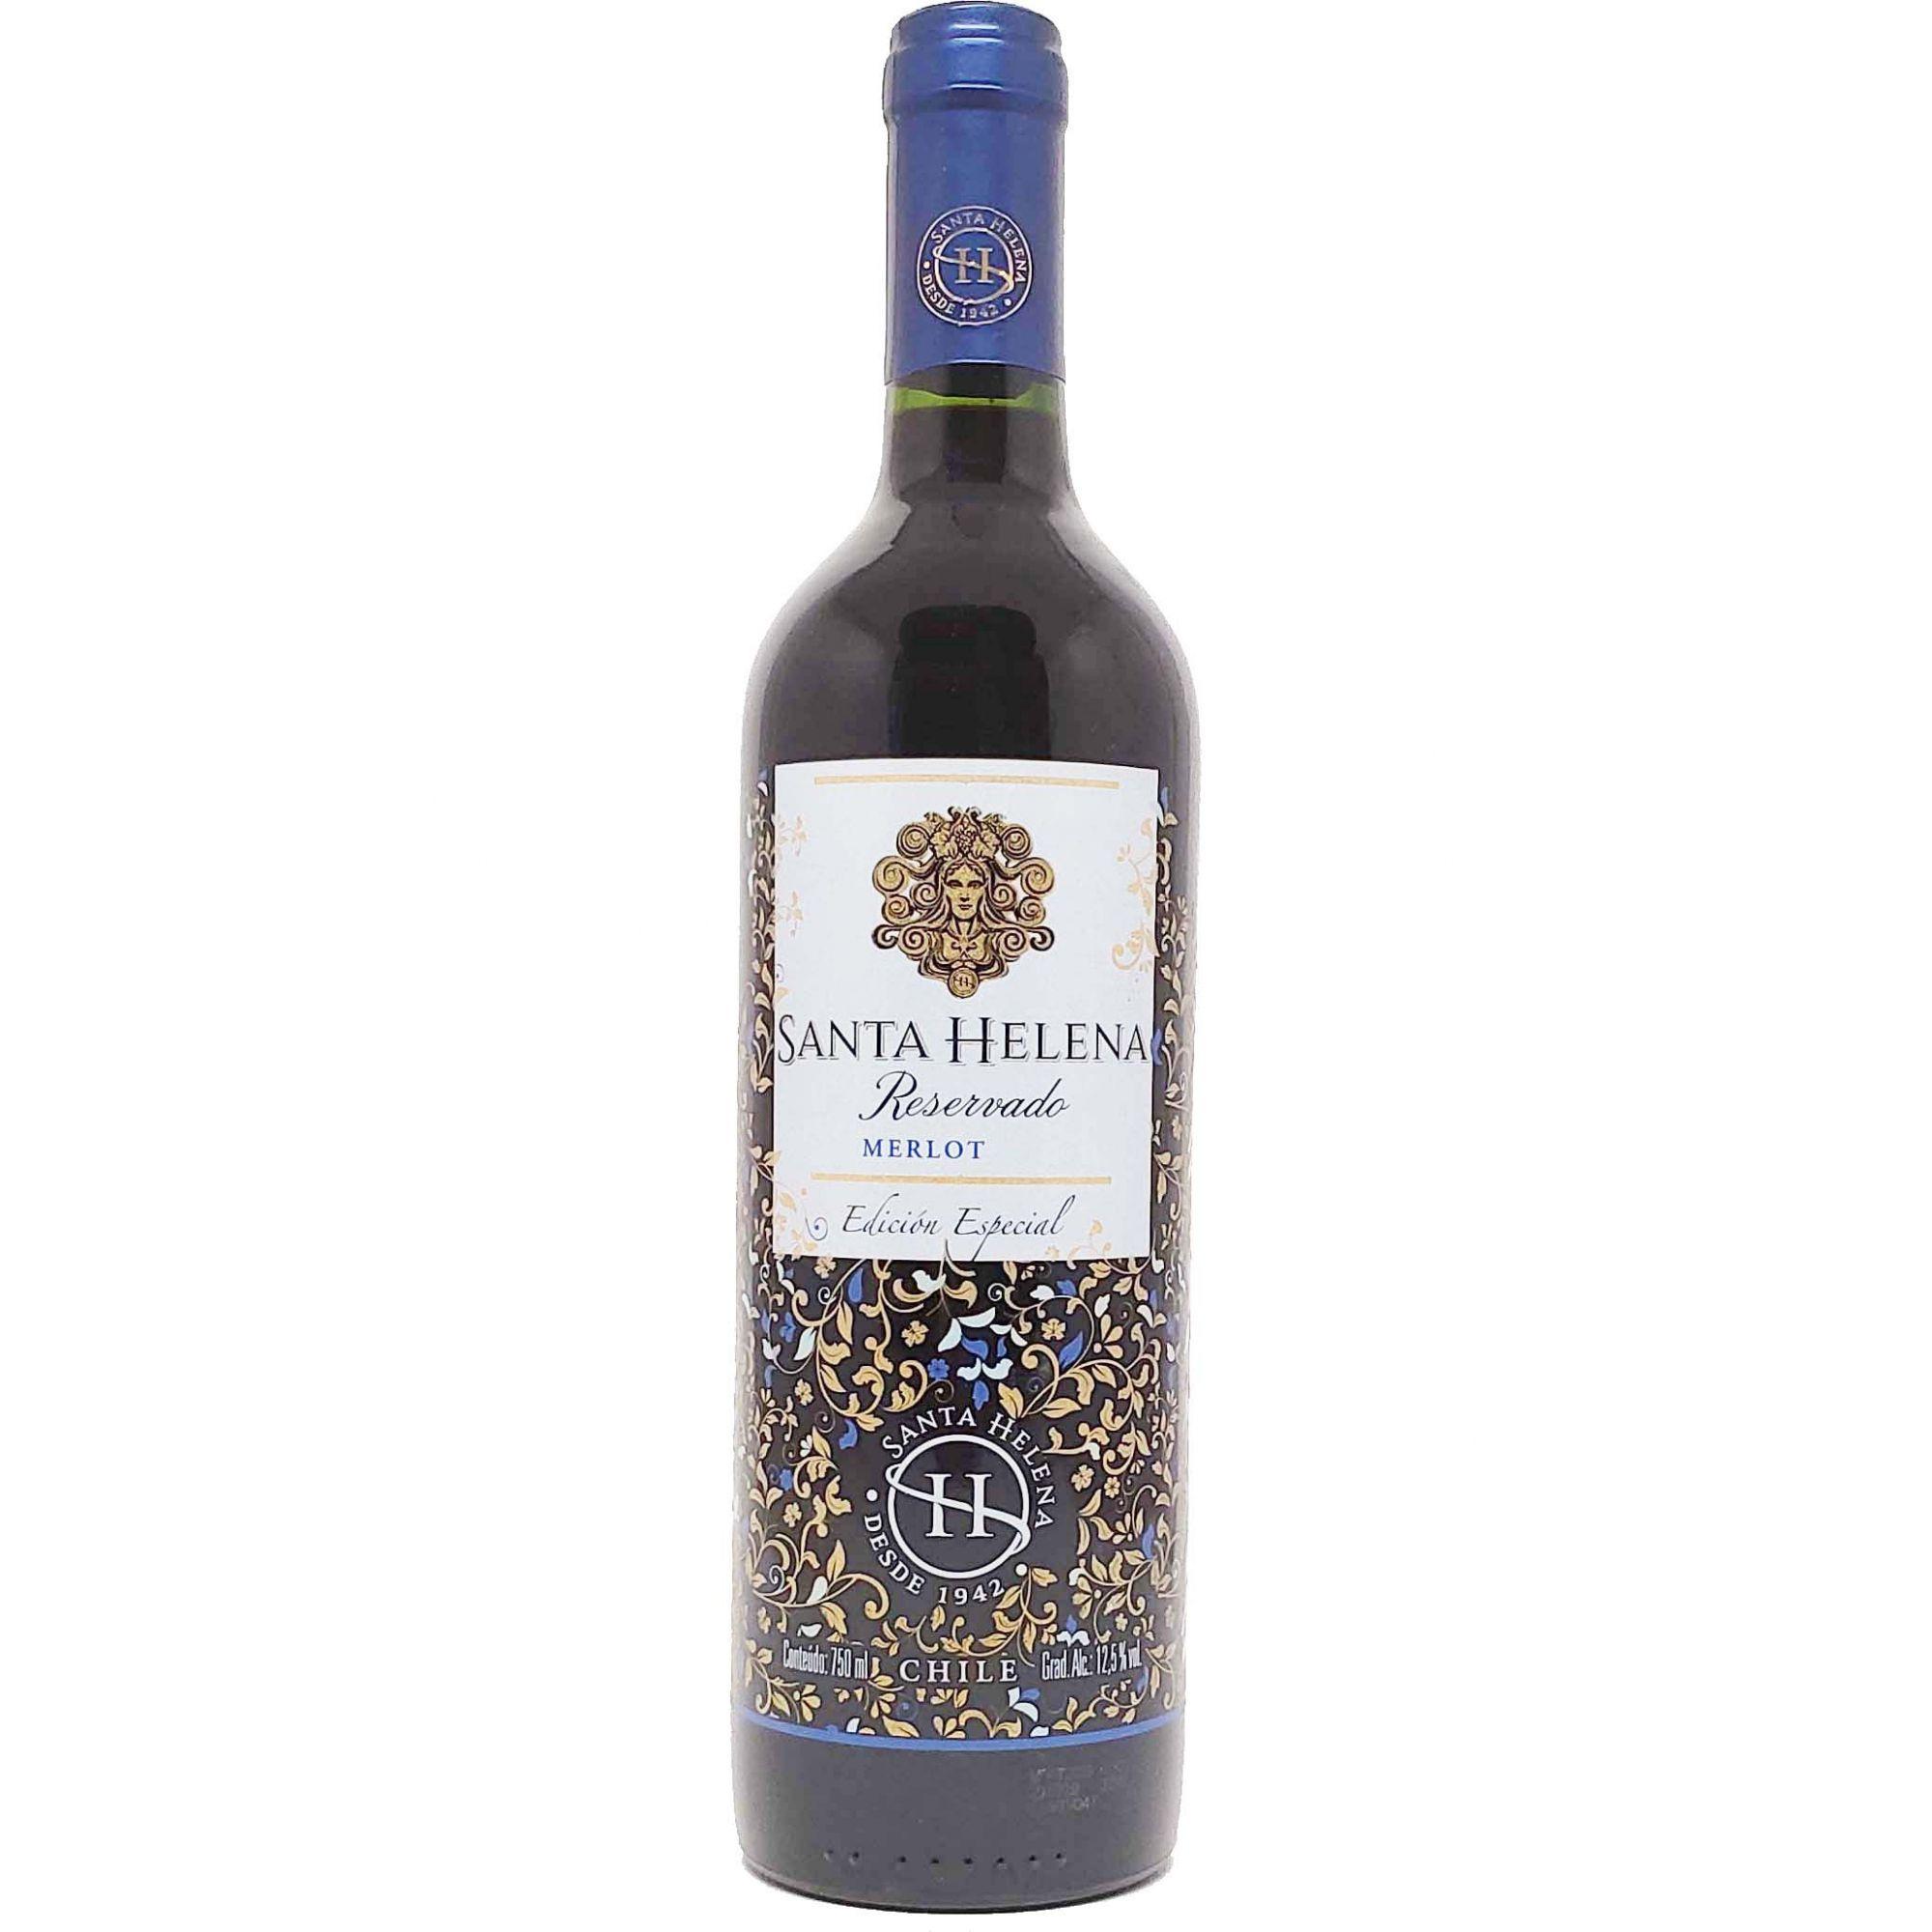 Vinho Tinto Santa Helena Merlot Reservado - 750ml -